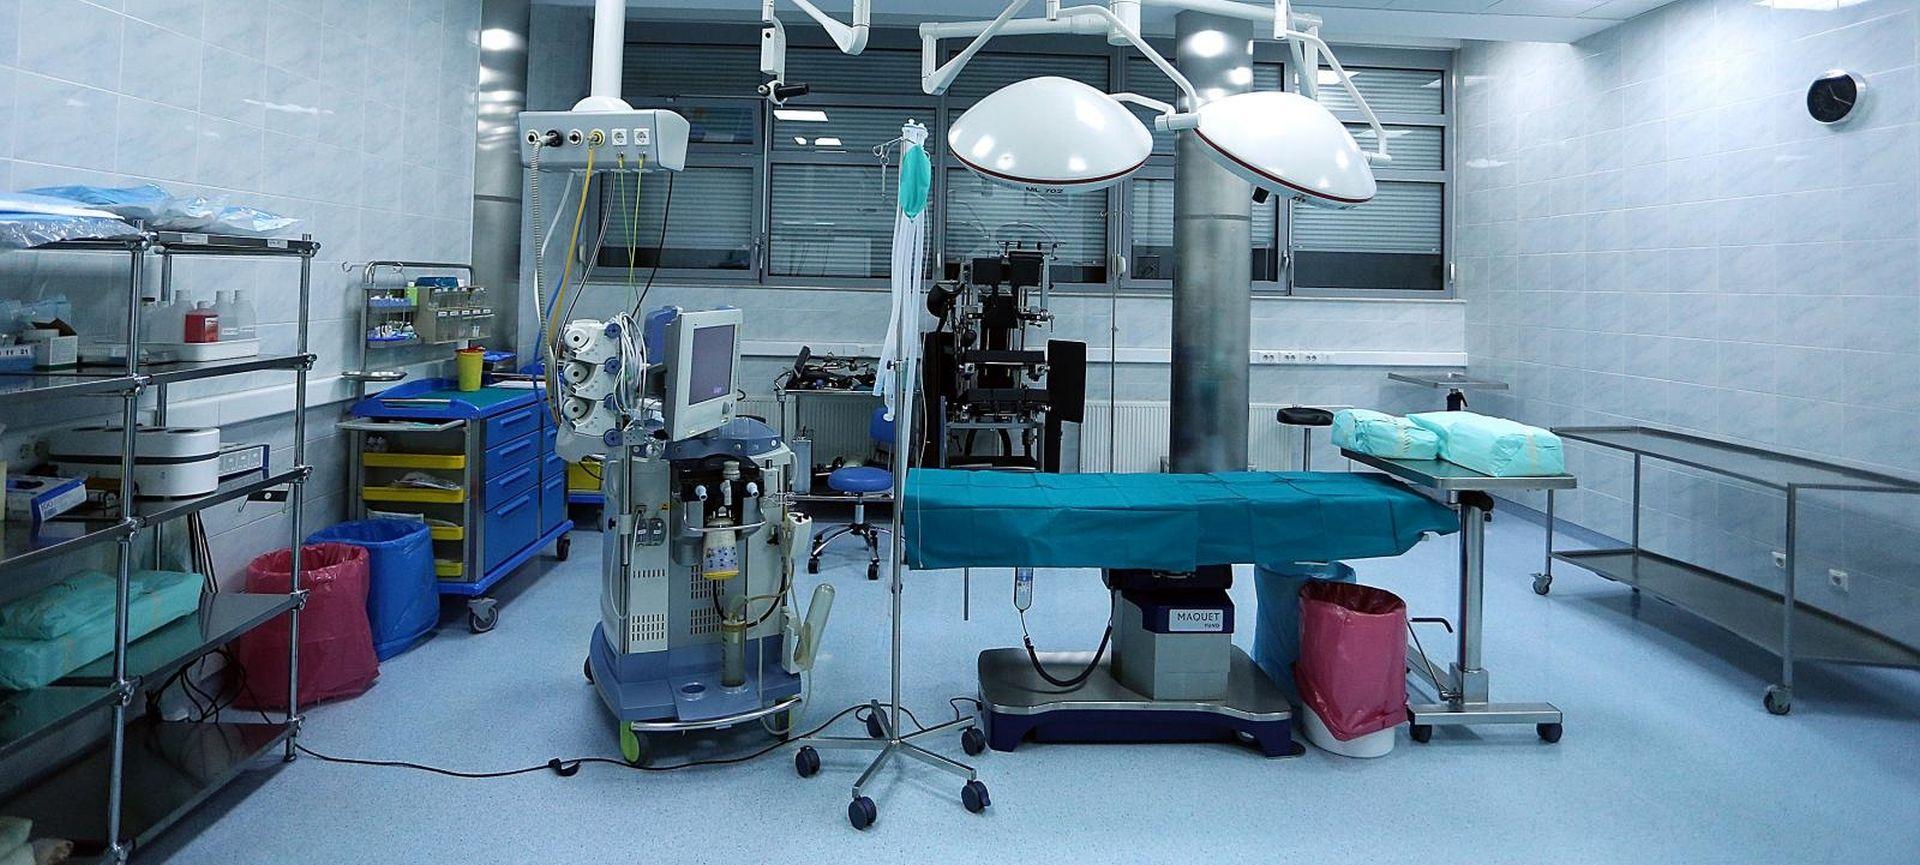 Zbog puknuća cijevi u Vinogradskoj otkazuju sve operacije